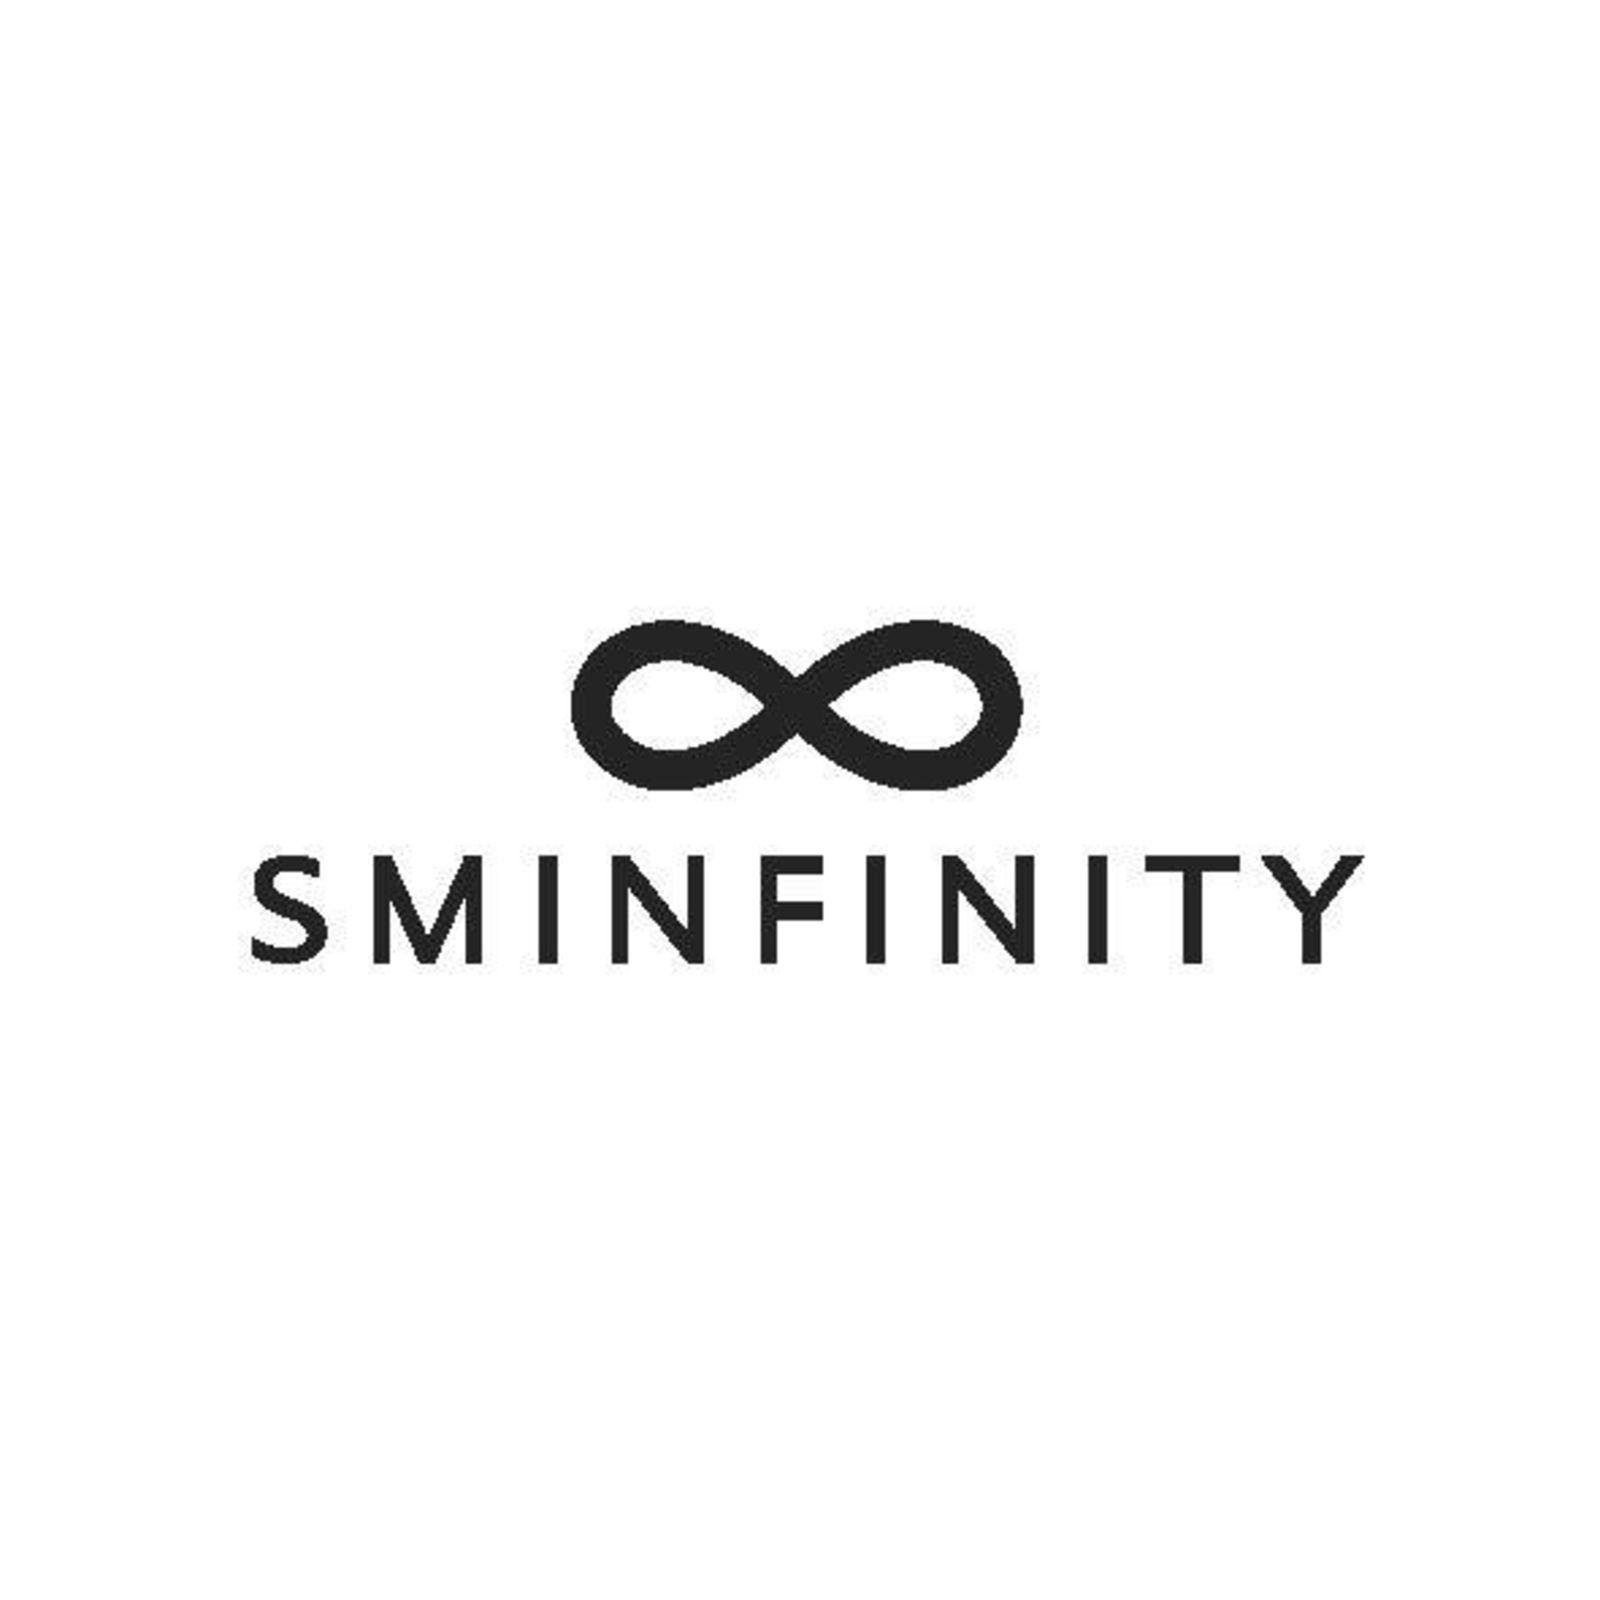 SMINFINITY (Bild 1)